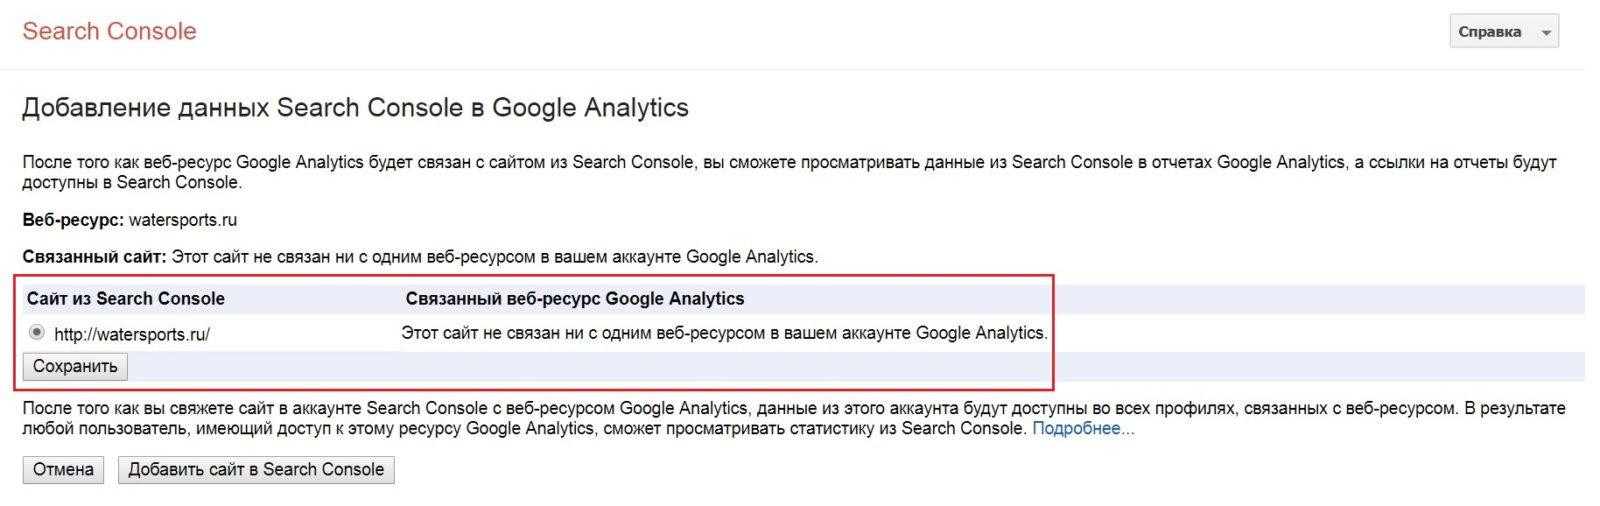 Связь Google Analytics с AdWords и Search Console